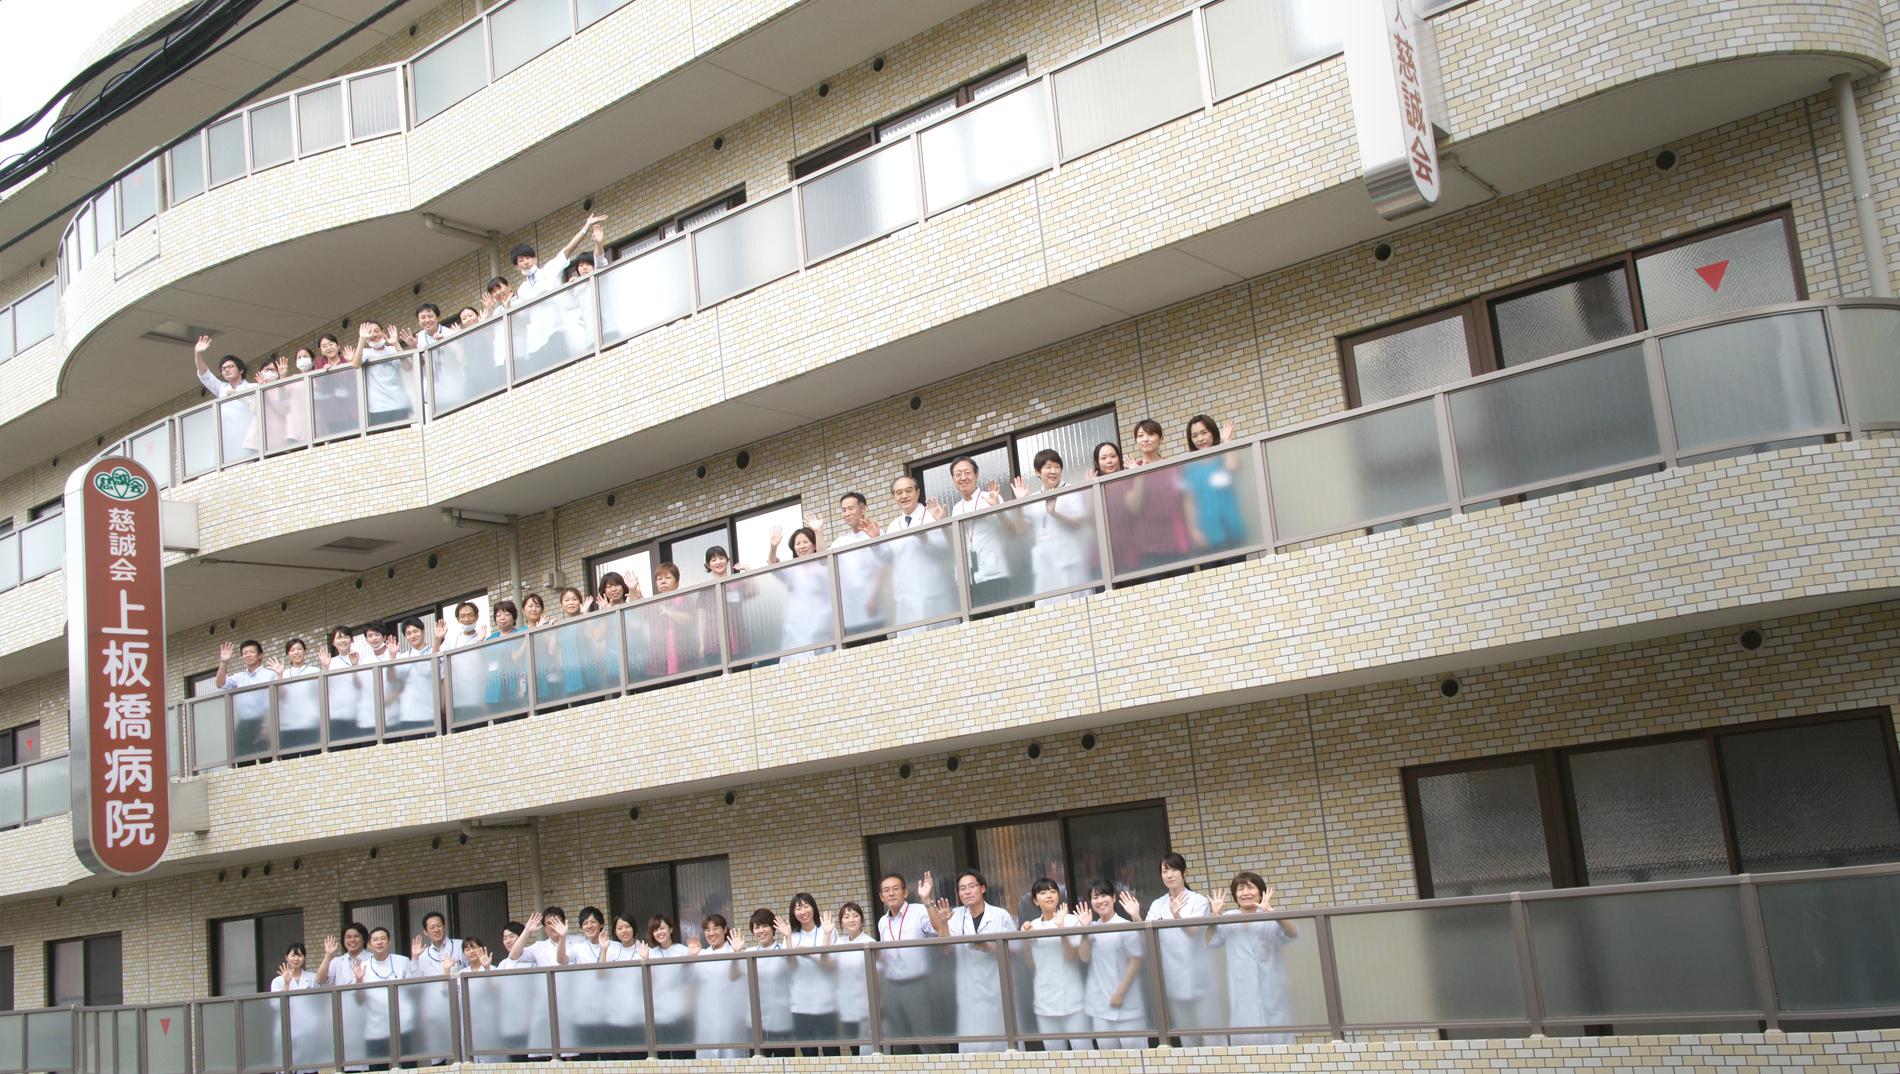 板橋 日 病院 コロナ 大